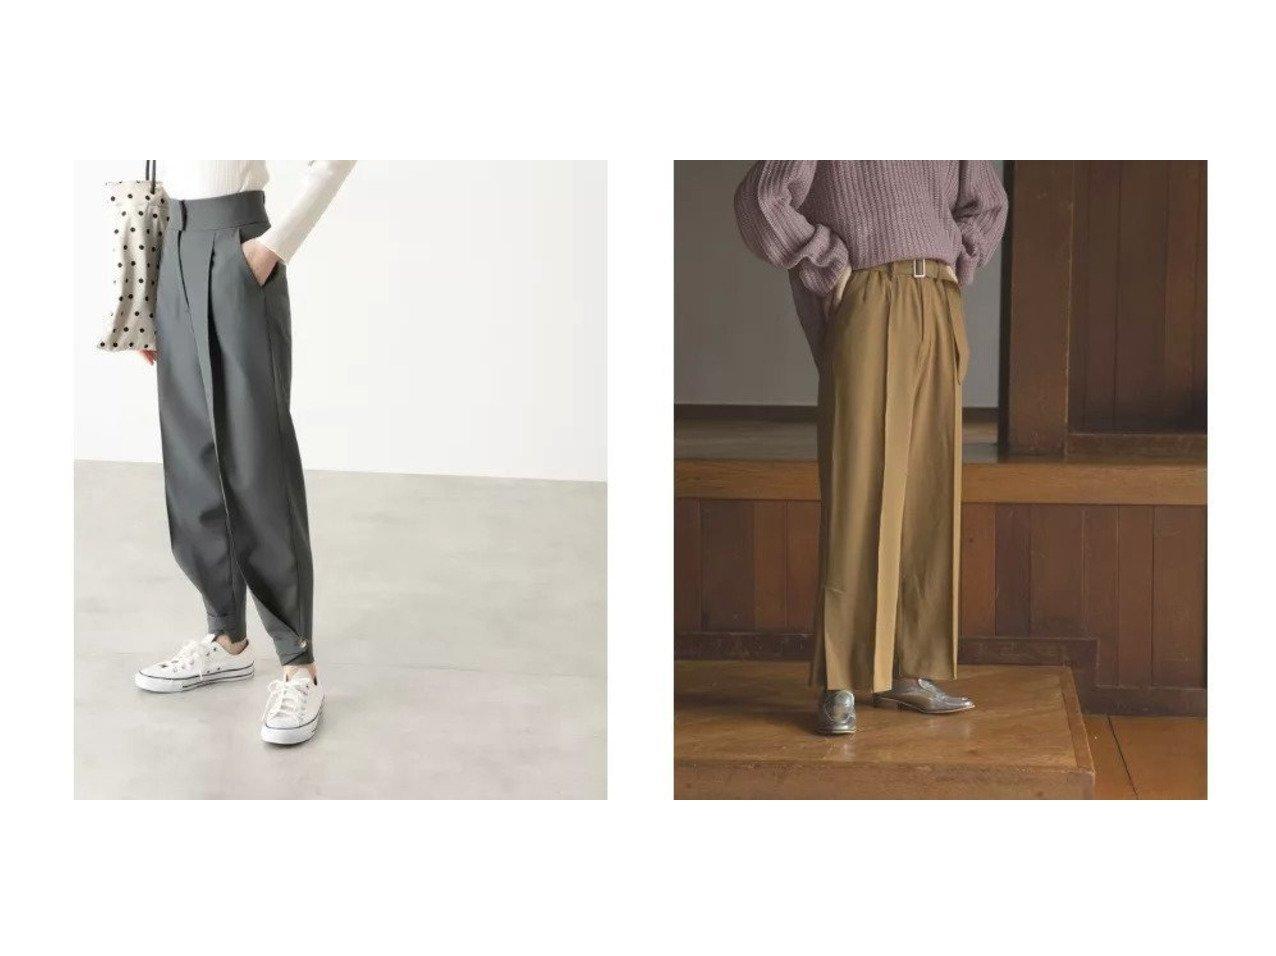 【N.Natural Beauty basic/エヌ ナチュラルビューティーベーシック】の裾ベルト付ジョッパーパンツ&【marjour/マージュール】のWARM SLIT PANTS パンツのおすすめ!人気、トレンド・レディースファッションの通販 おすすめで人気の流行・トレンド、ファッションの通販商品 メンズファッション・キッズファッション・インテリア・家具・レディースファッション・服の通販 founy(ファニー) https://founy.com/ ファッション Fashion レディースファッション WOMEN パンツ Pants ベルト Belts ジャケット スウェット スリット センター ワイド |ID:crp329100000015265